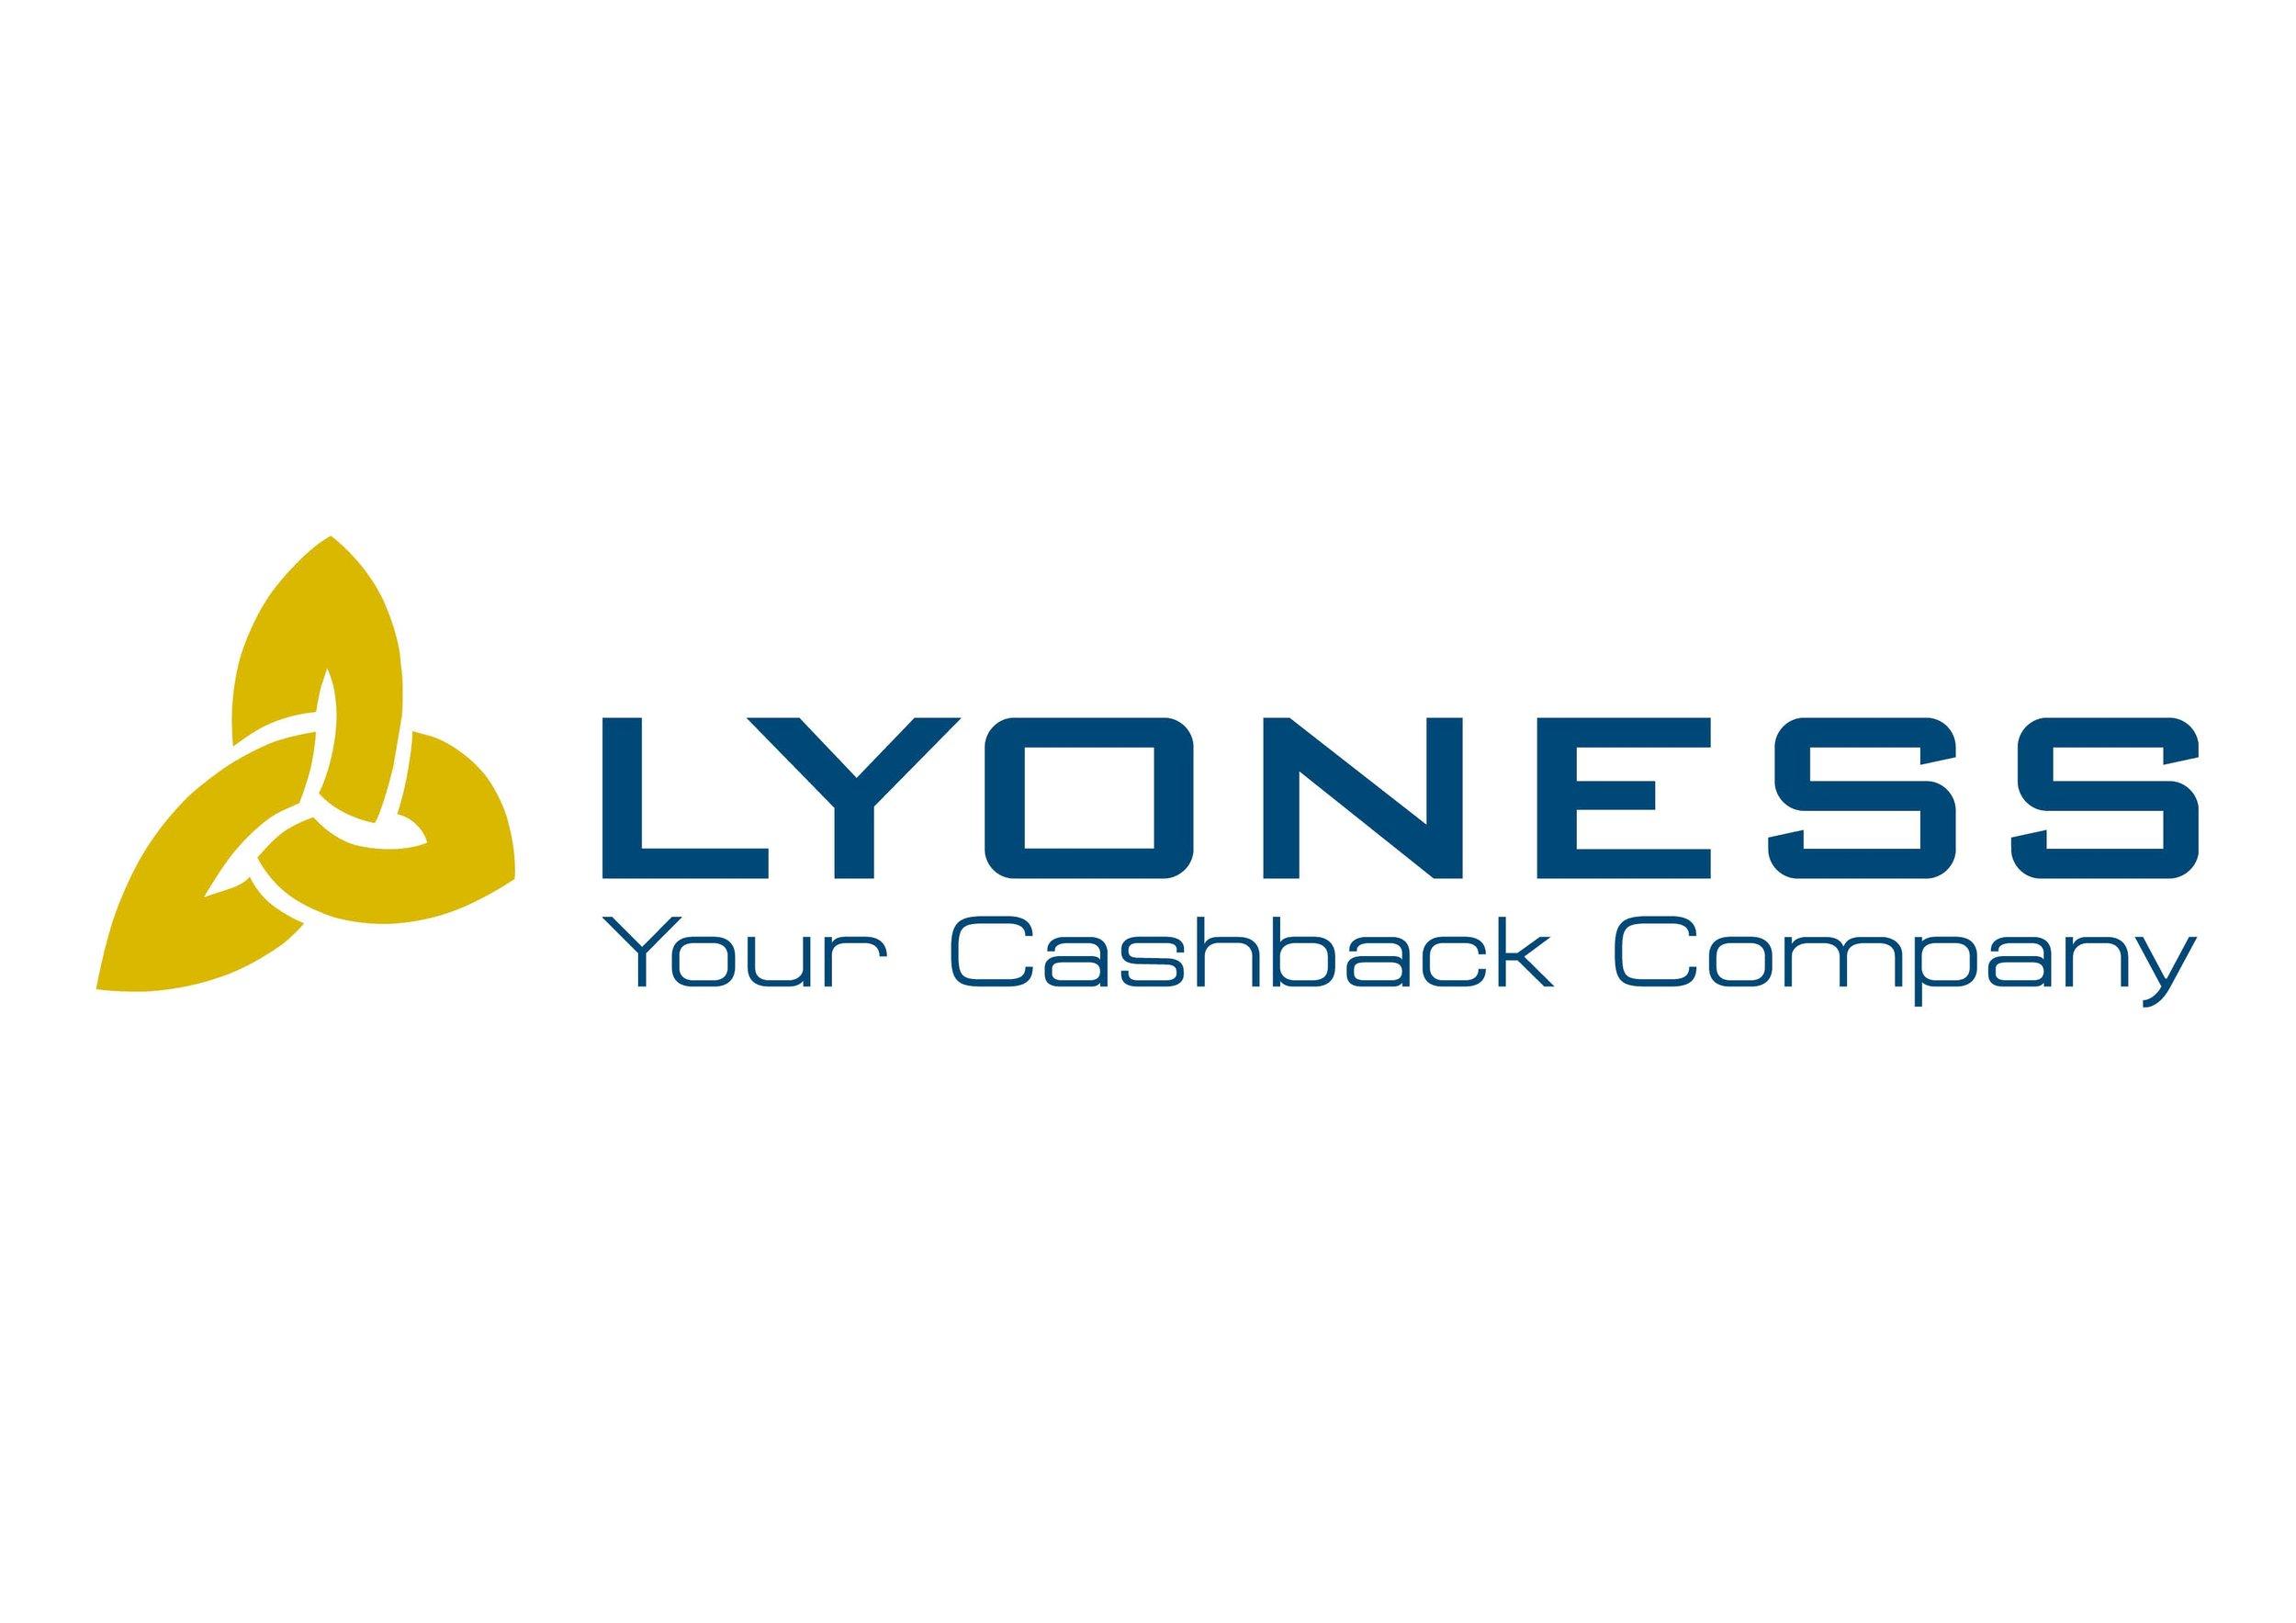 Lyoness-Logo-1-2823.jpg